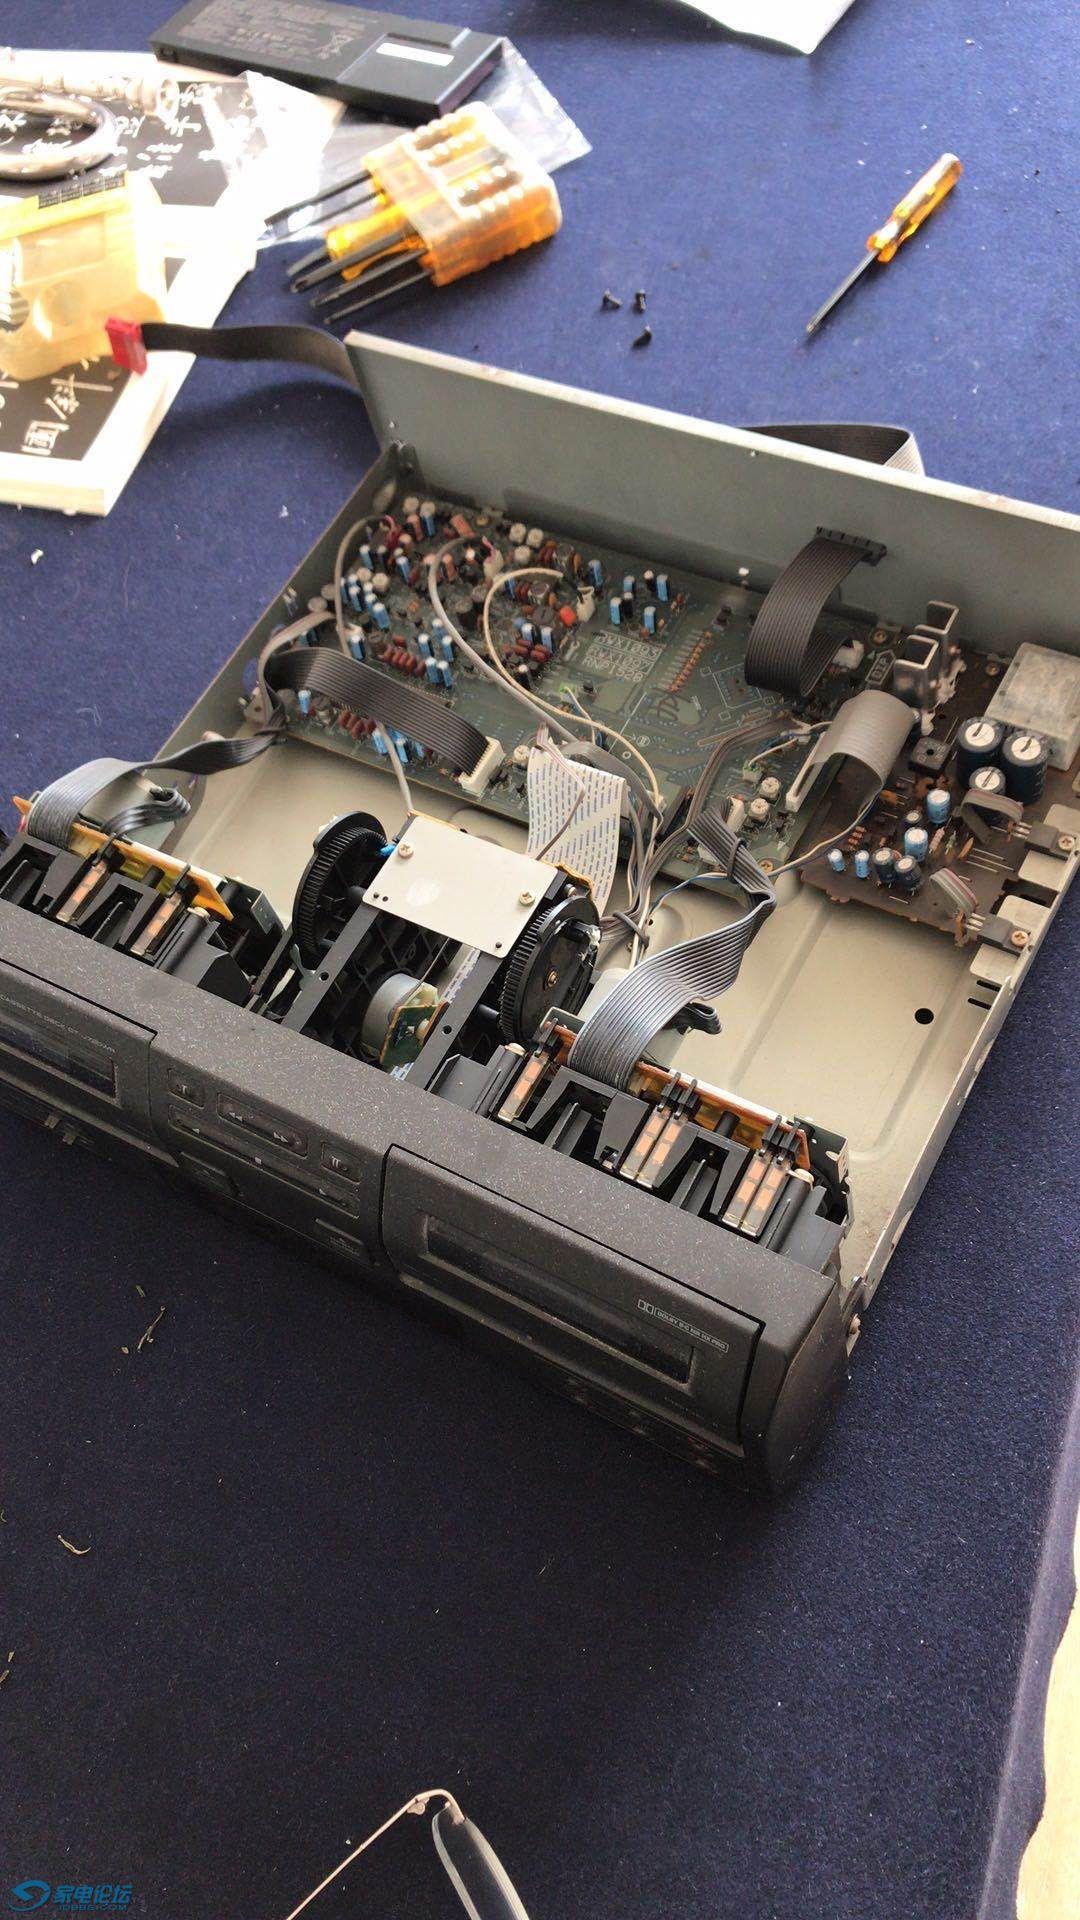 CD88E5E6-1F8F-44EC-99AD-5E210A446608.jpeg